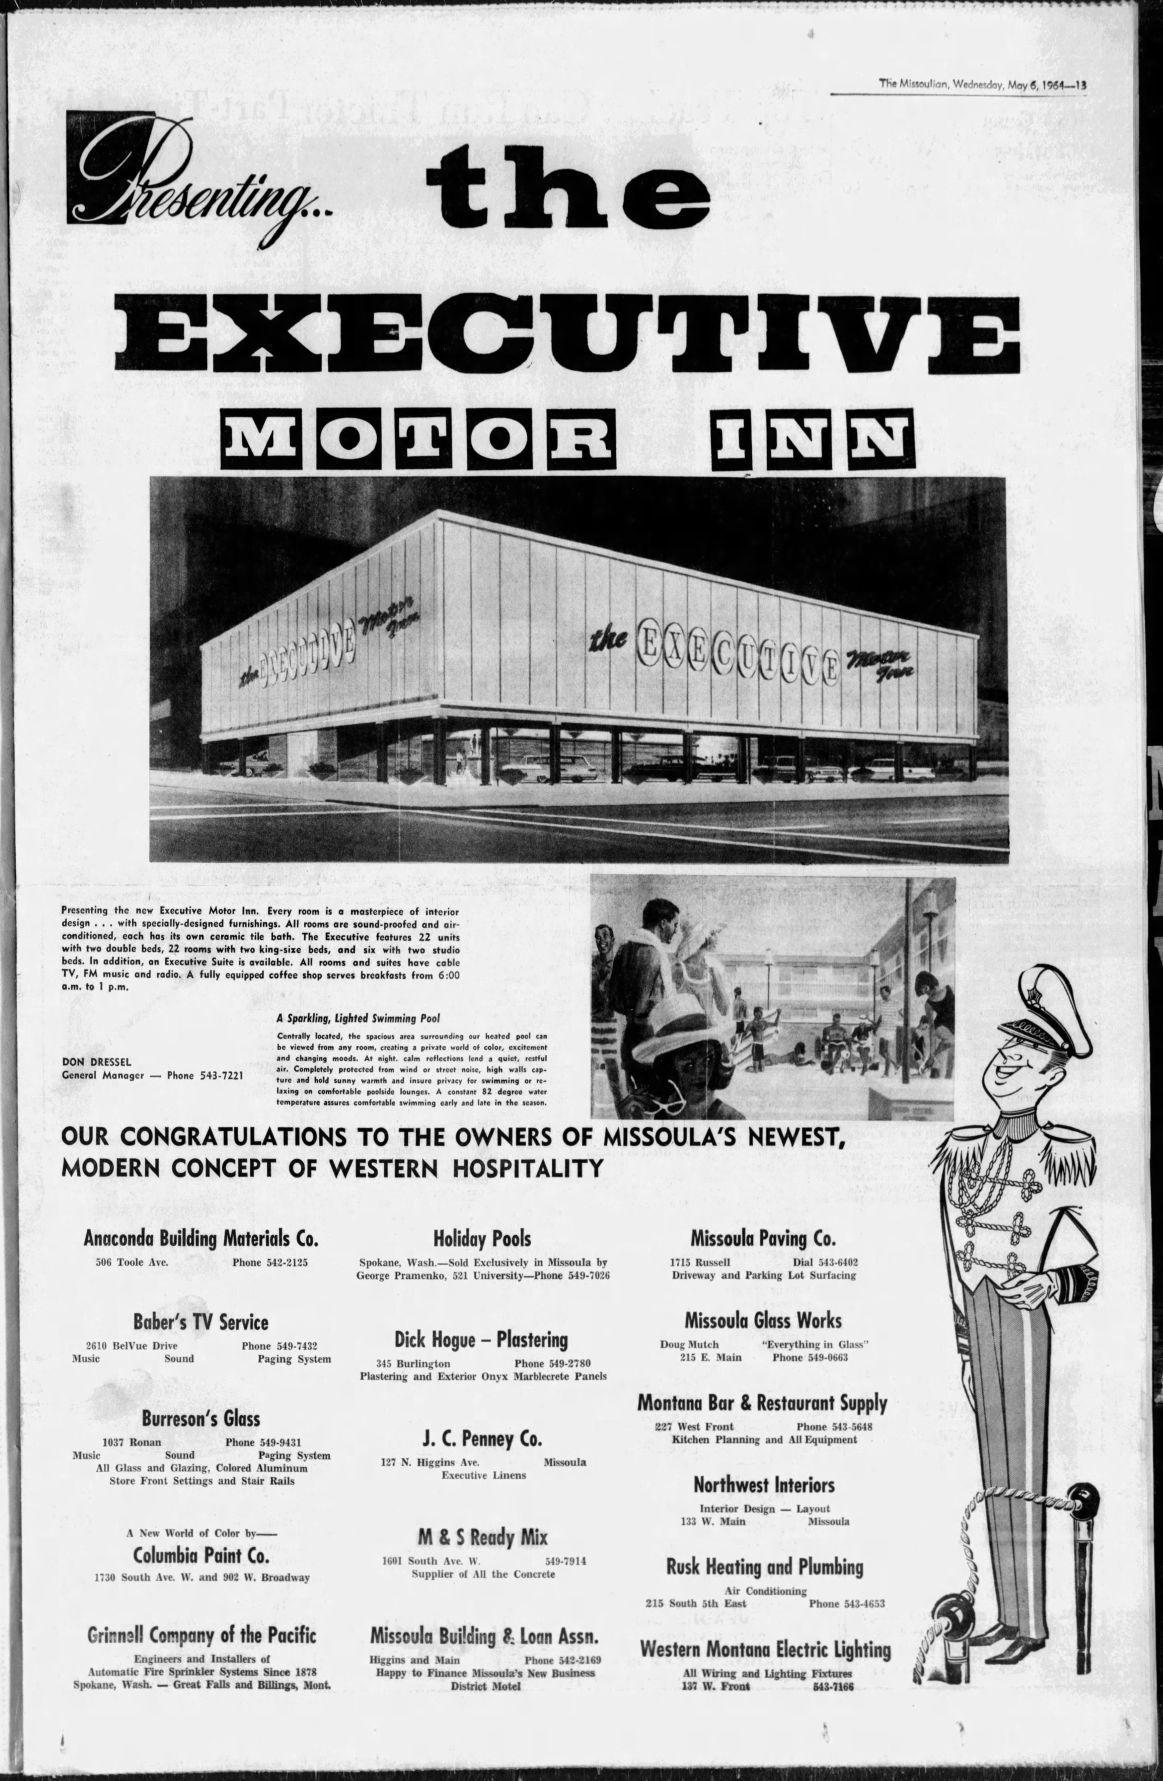 Executive motor inn May 6, 1964